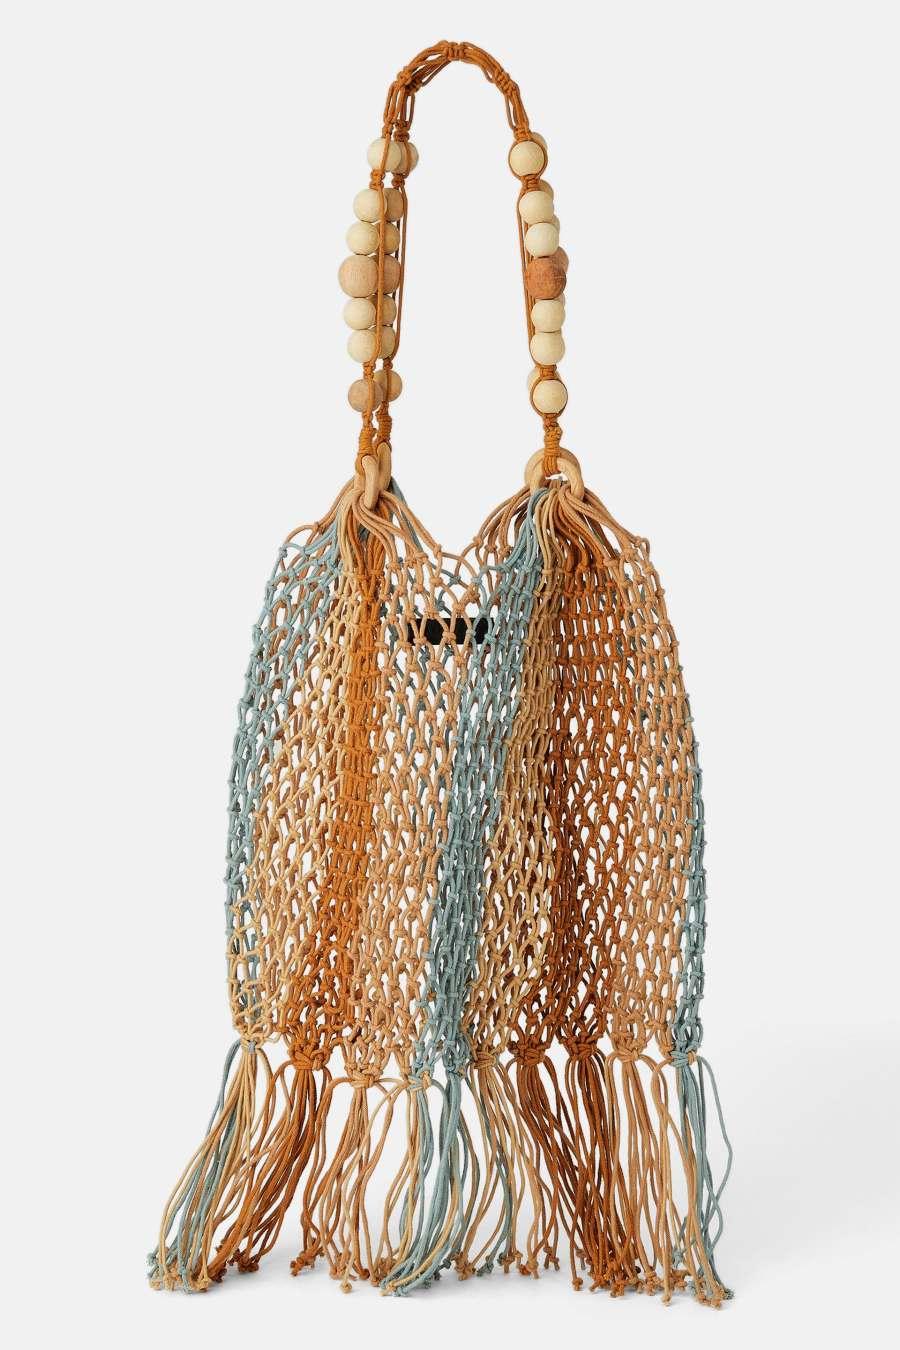 Недорогие аксессуары на лето, сумка сетка